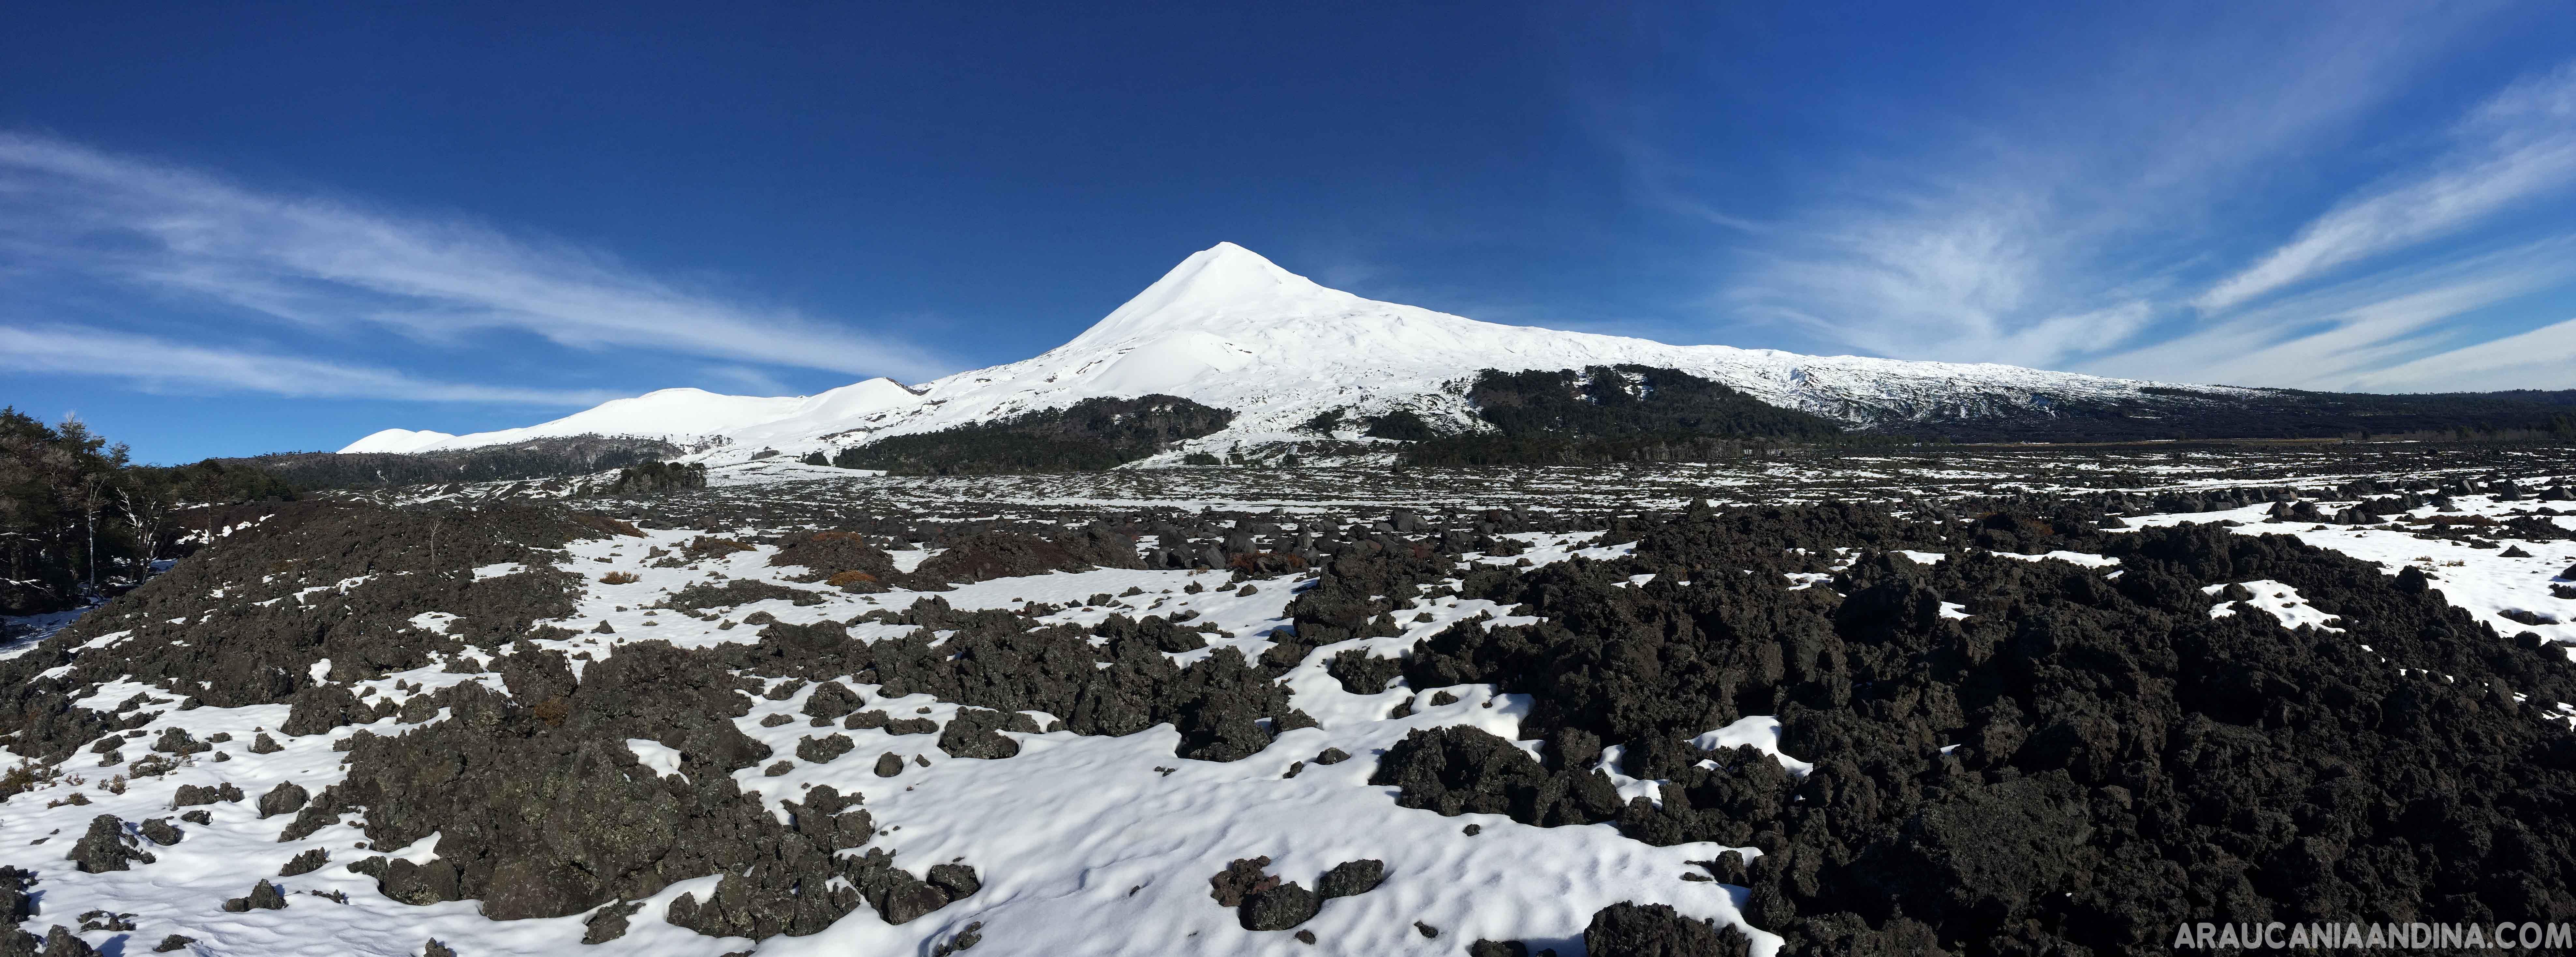 Volcán Llaima - Parque nacional Conguillio